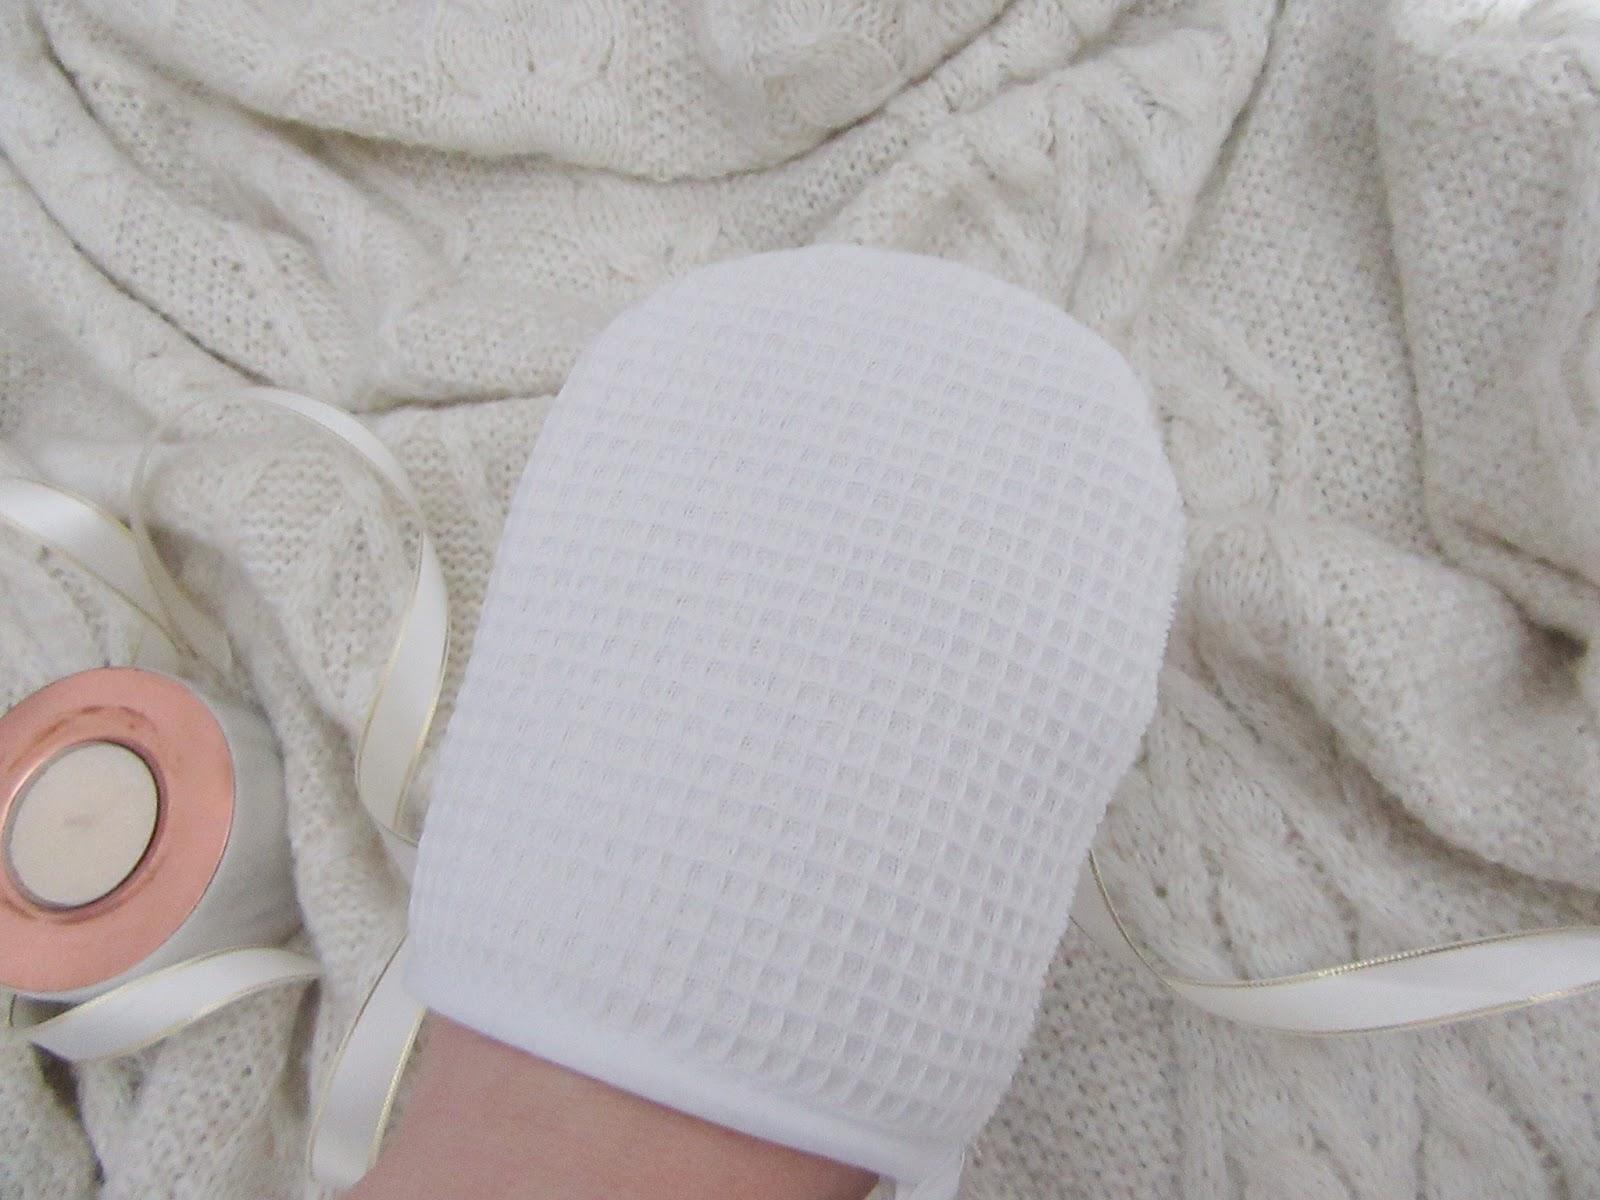 primark cleansing mitt